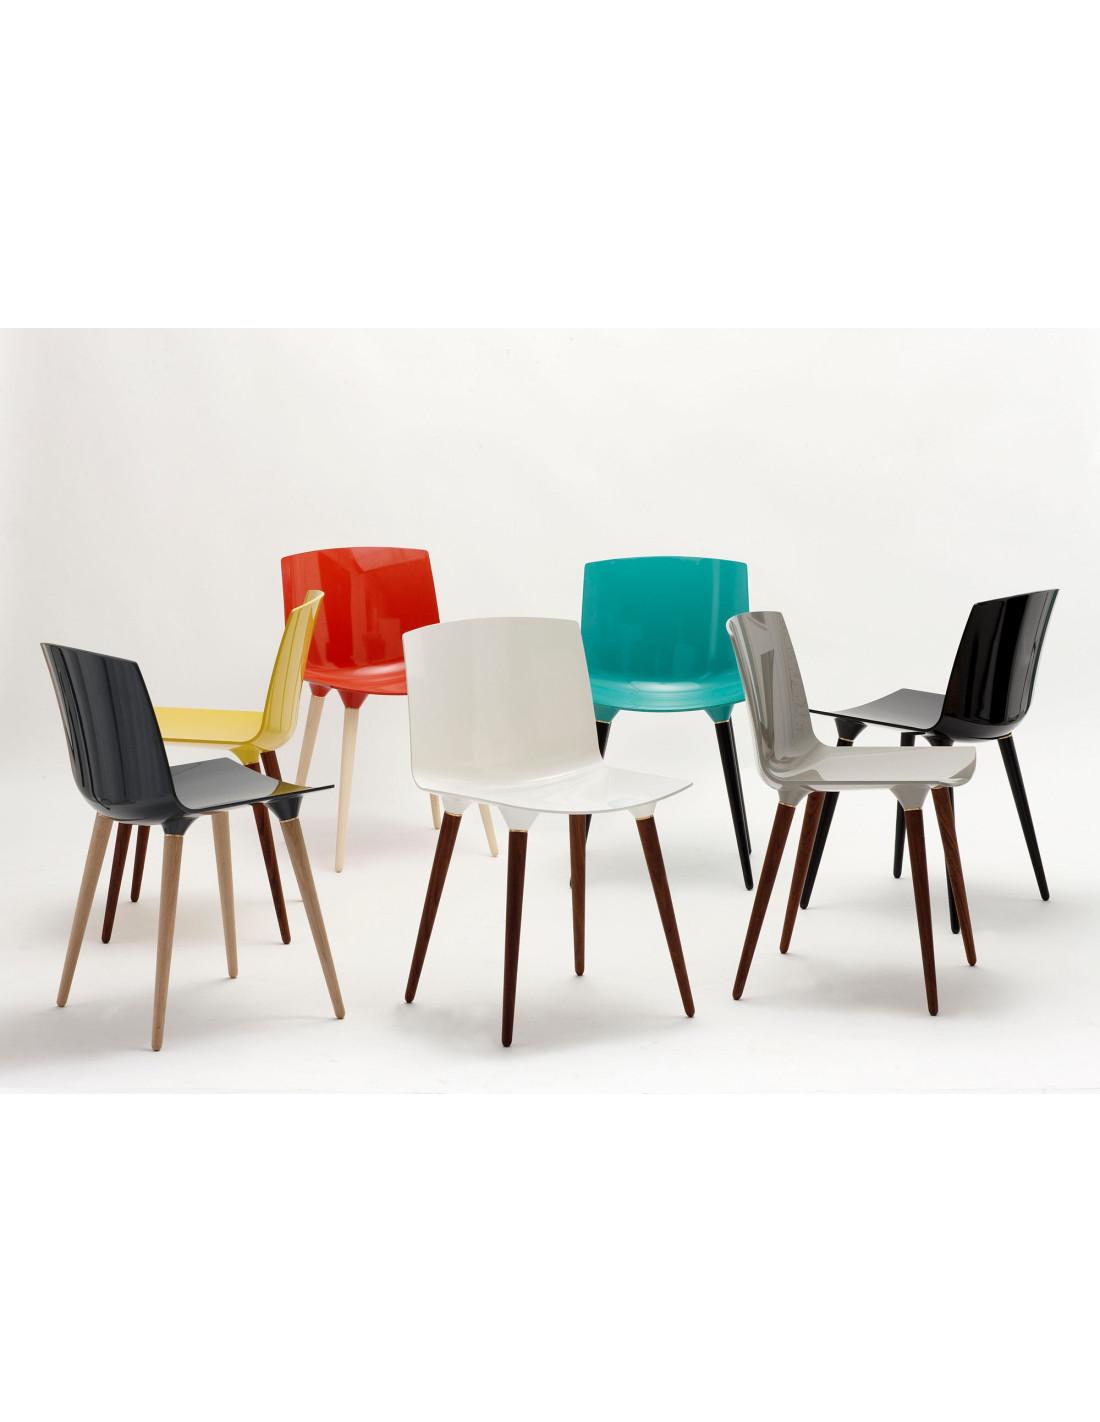 chaise tak la boutique danoise. Black Bedroom Furniture Sets. Home Design Ideas